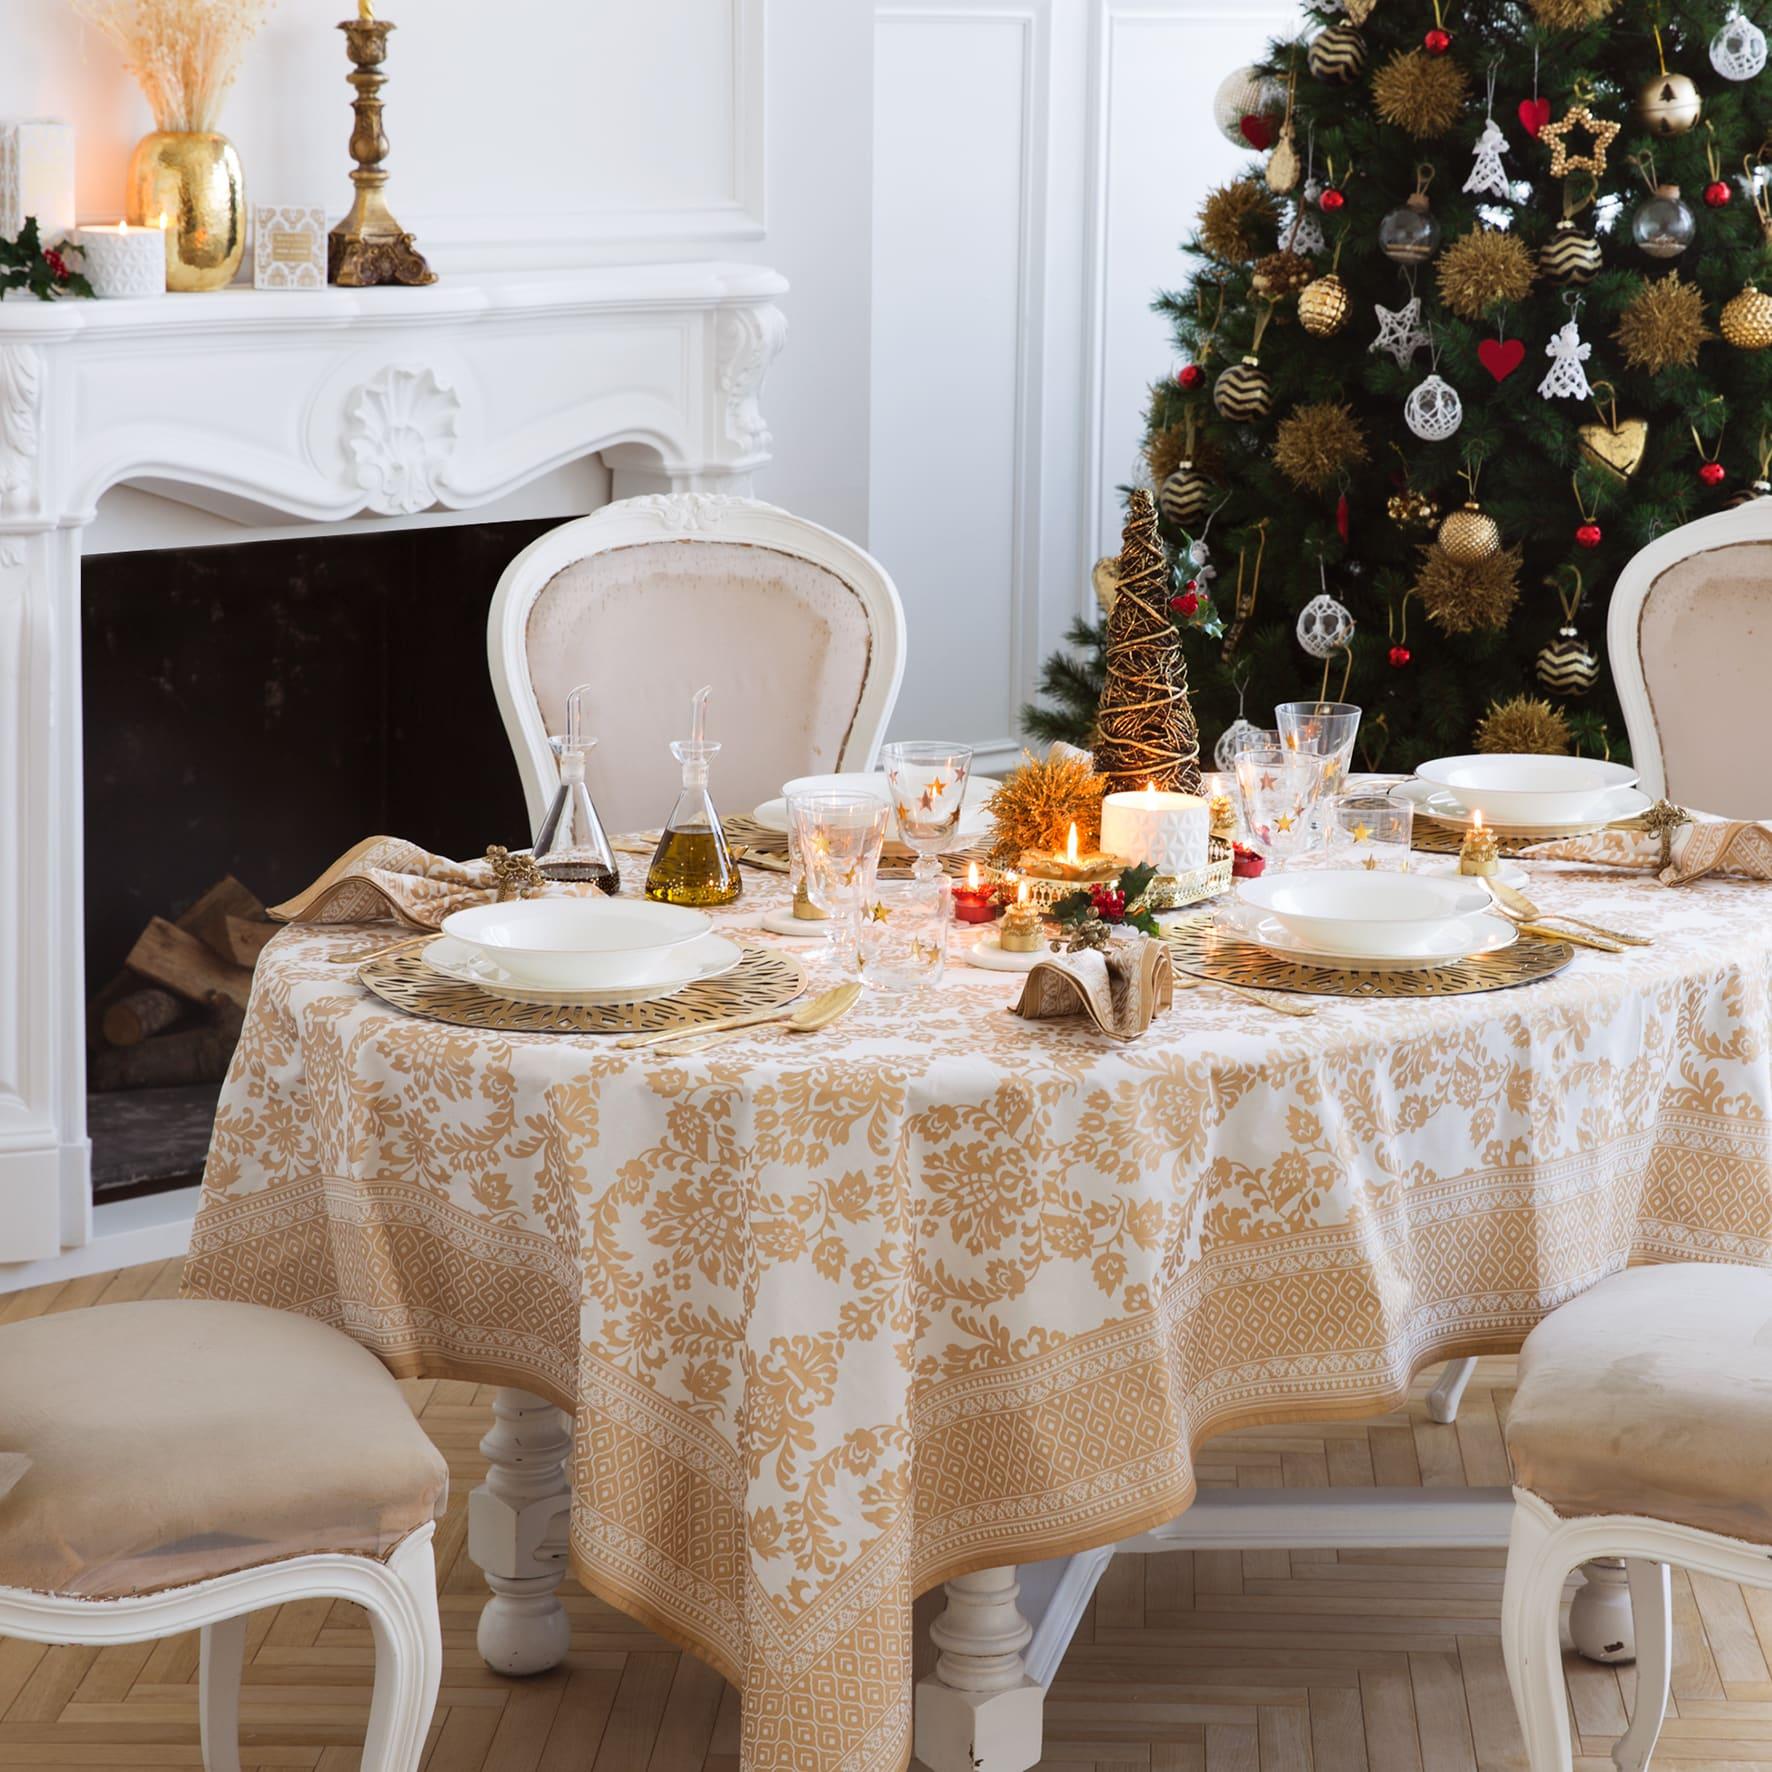 Tavola di Natale tovaglia oro